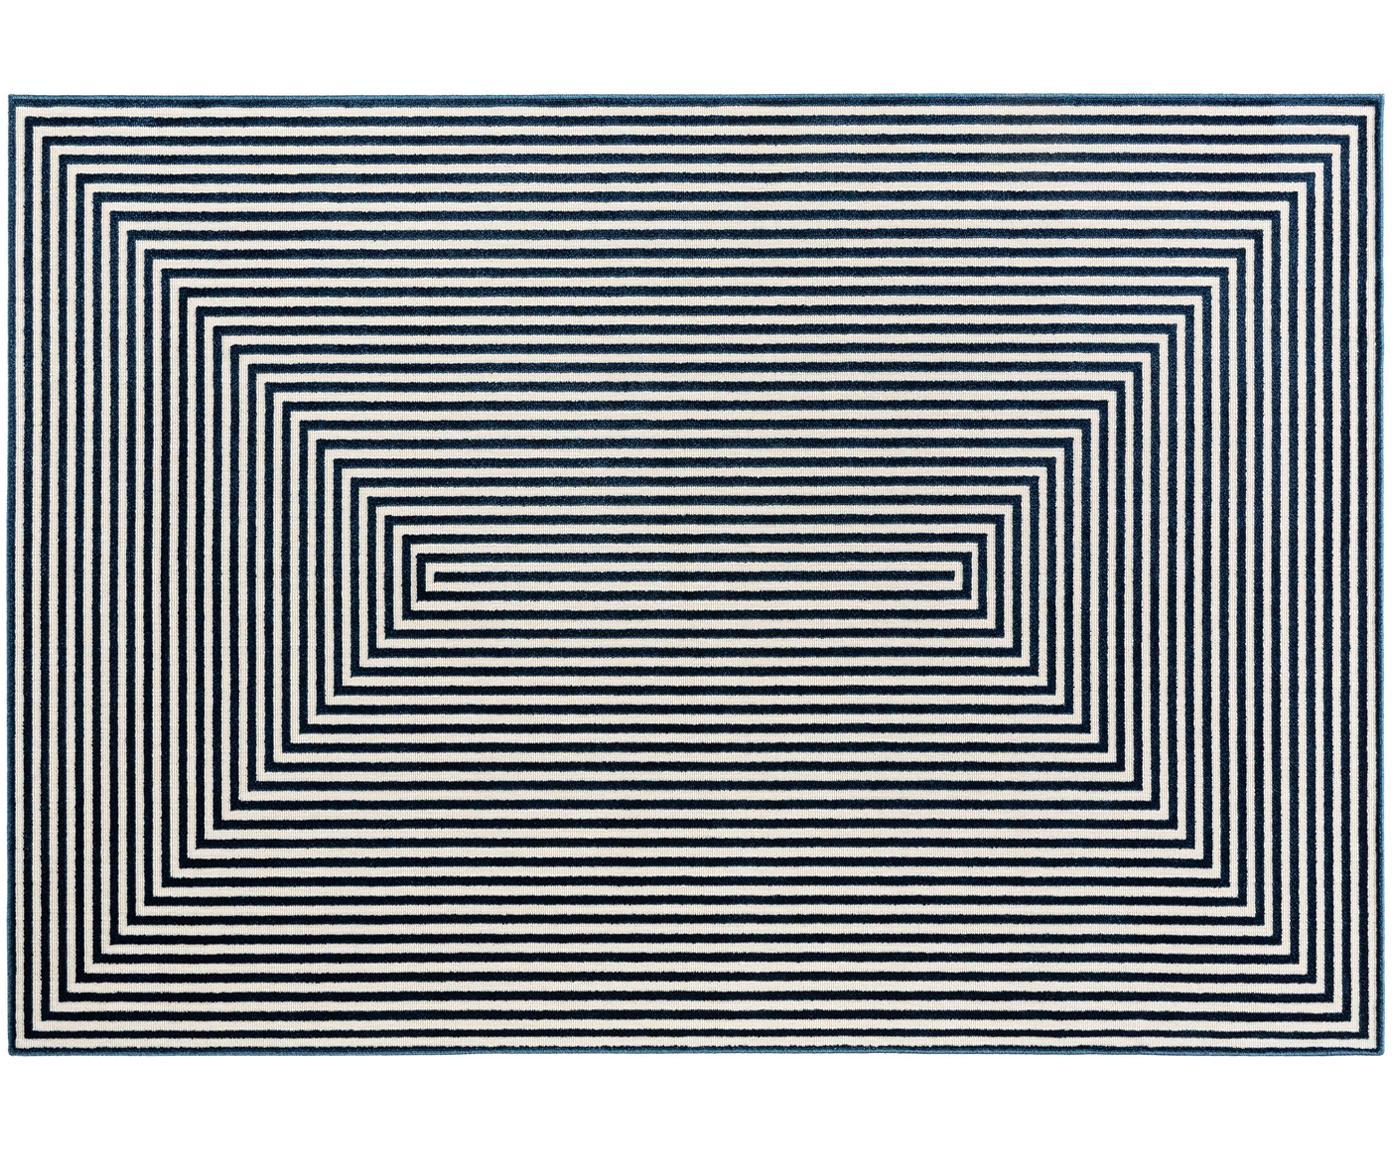 Teppich Diamond mit Hoch-Tief-Effekt in Blau-Creme, Flor: Polypropylen, Dunkelblau, Cremefarben, B 140 x L 200 cm (Größe S)